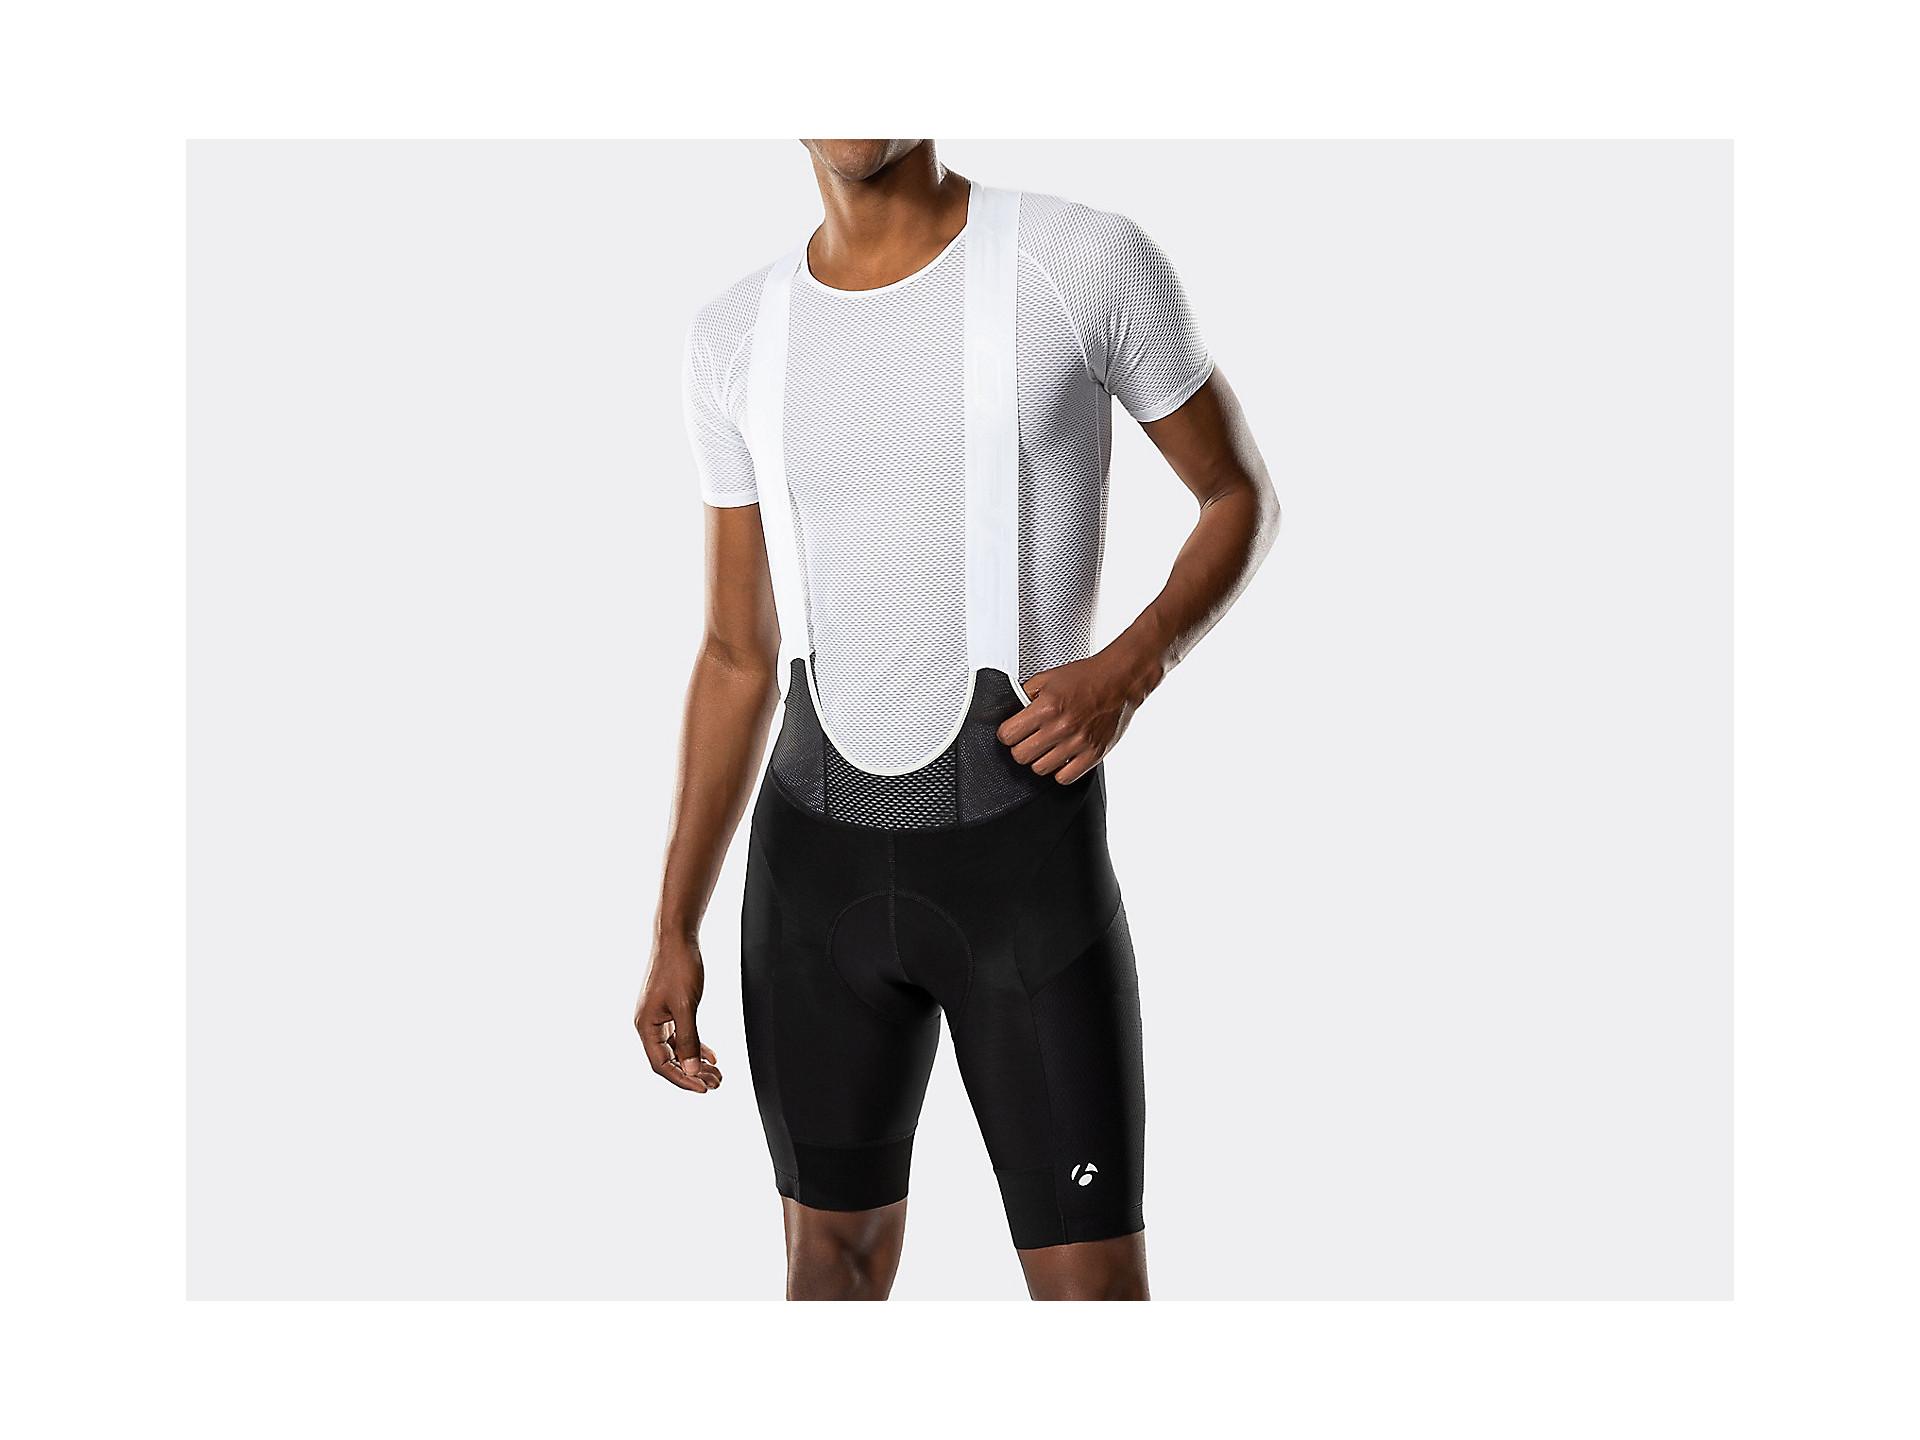 5ecef01a1 Bontrager Velocis Bib Cycling Short